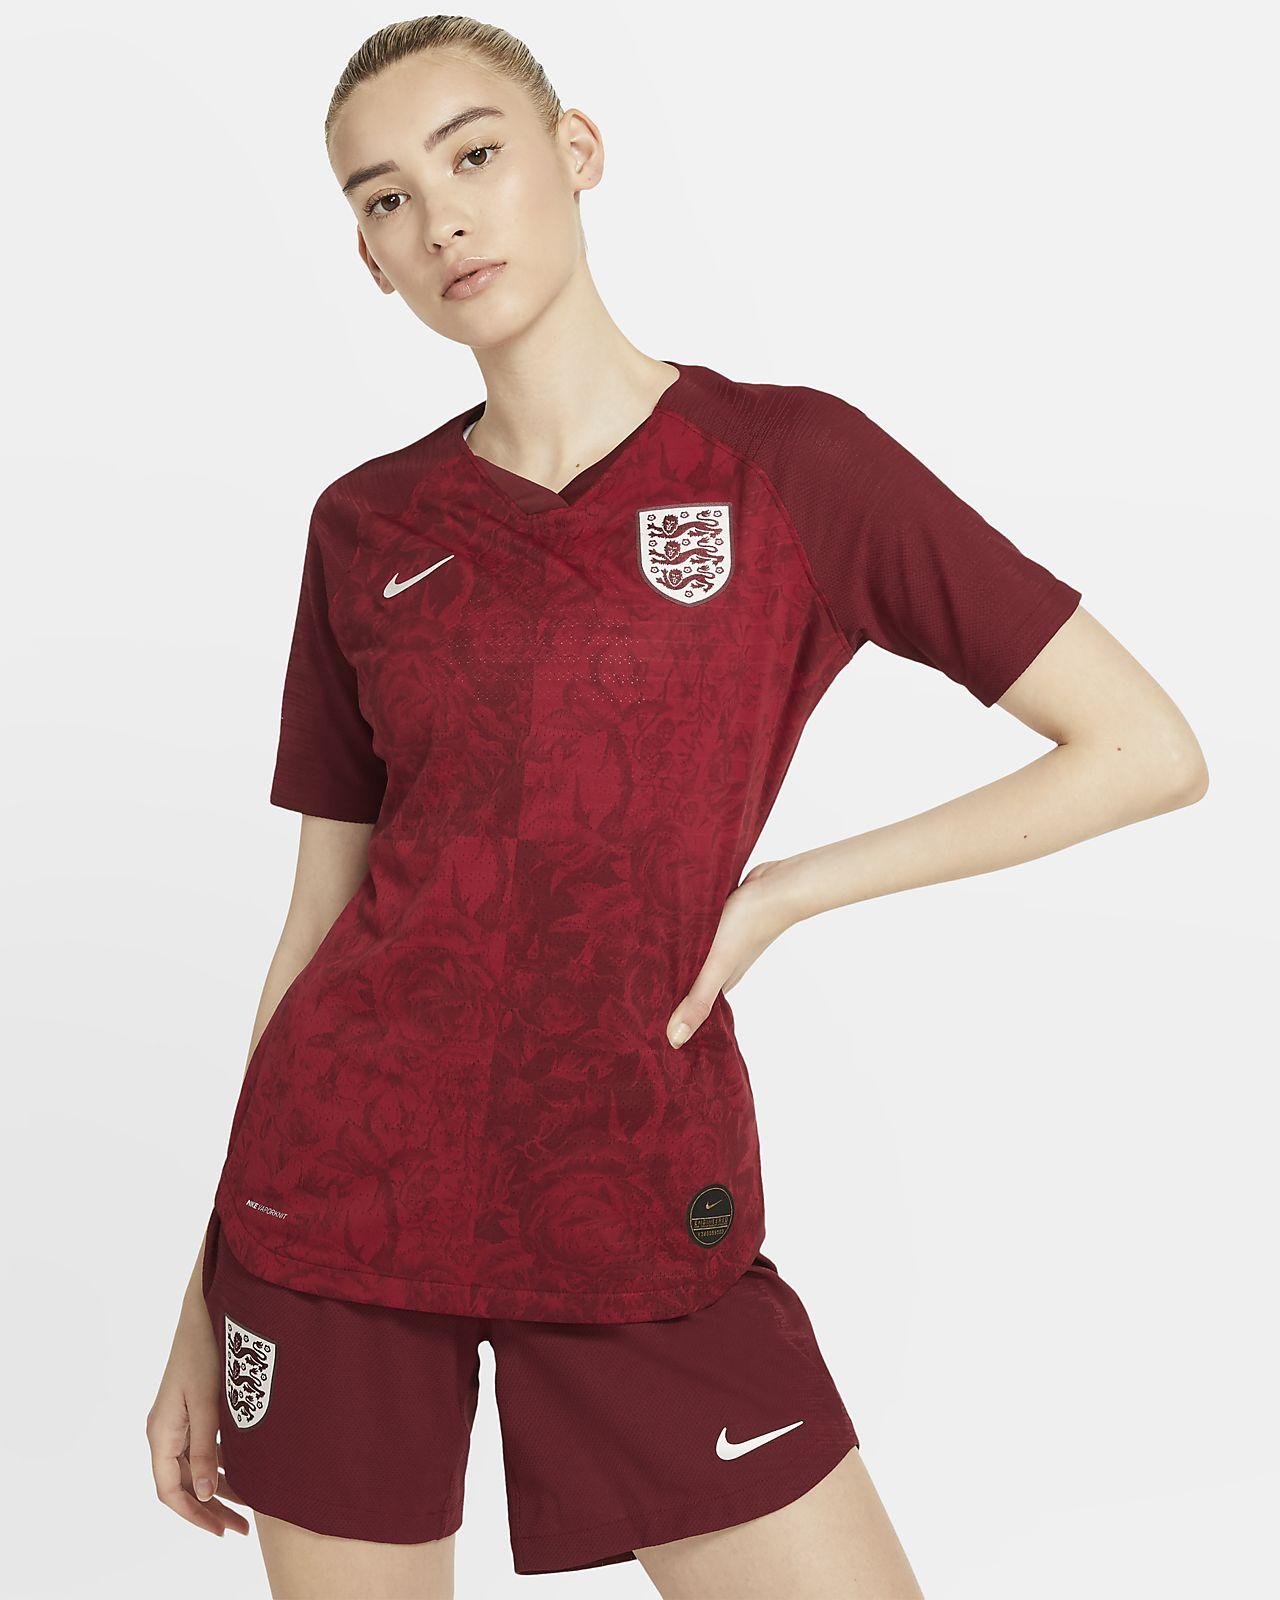 England 2019 Vapor Match Away Damen Fussballtrikot